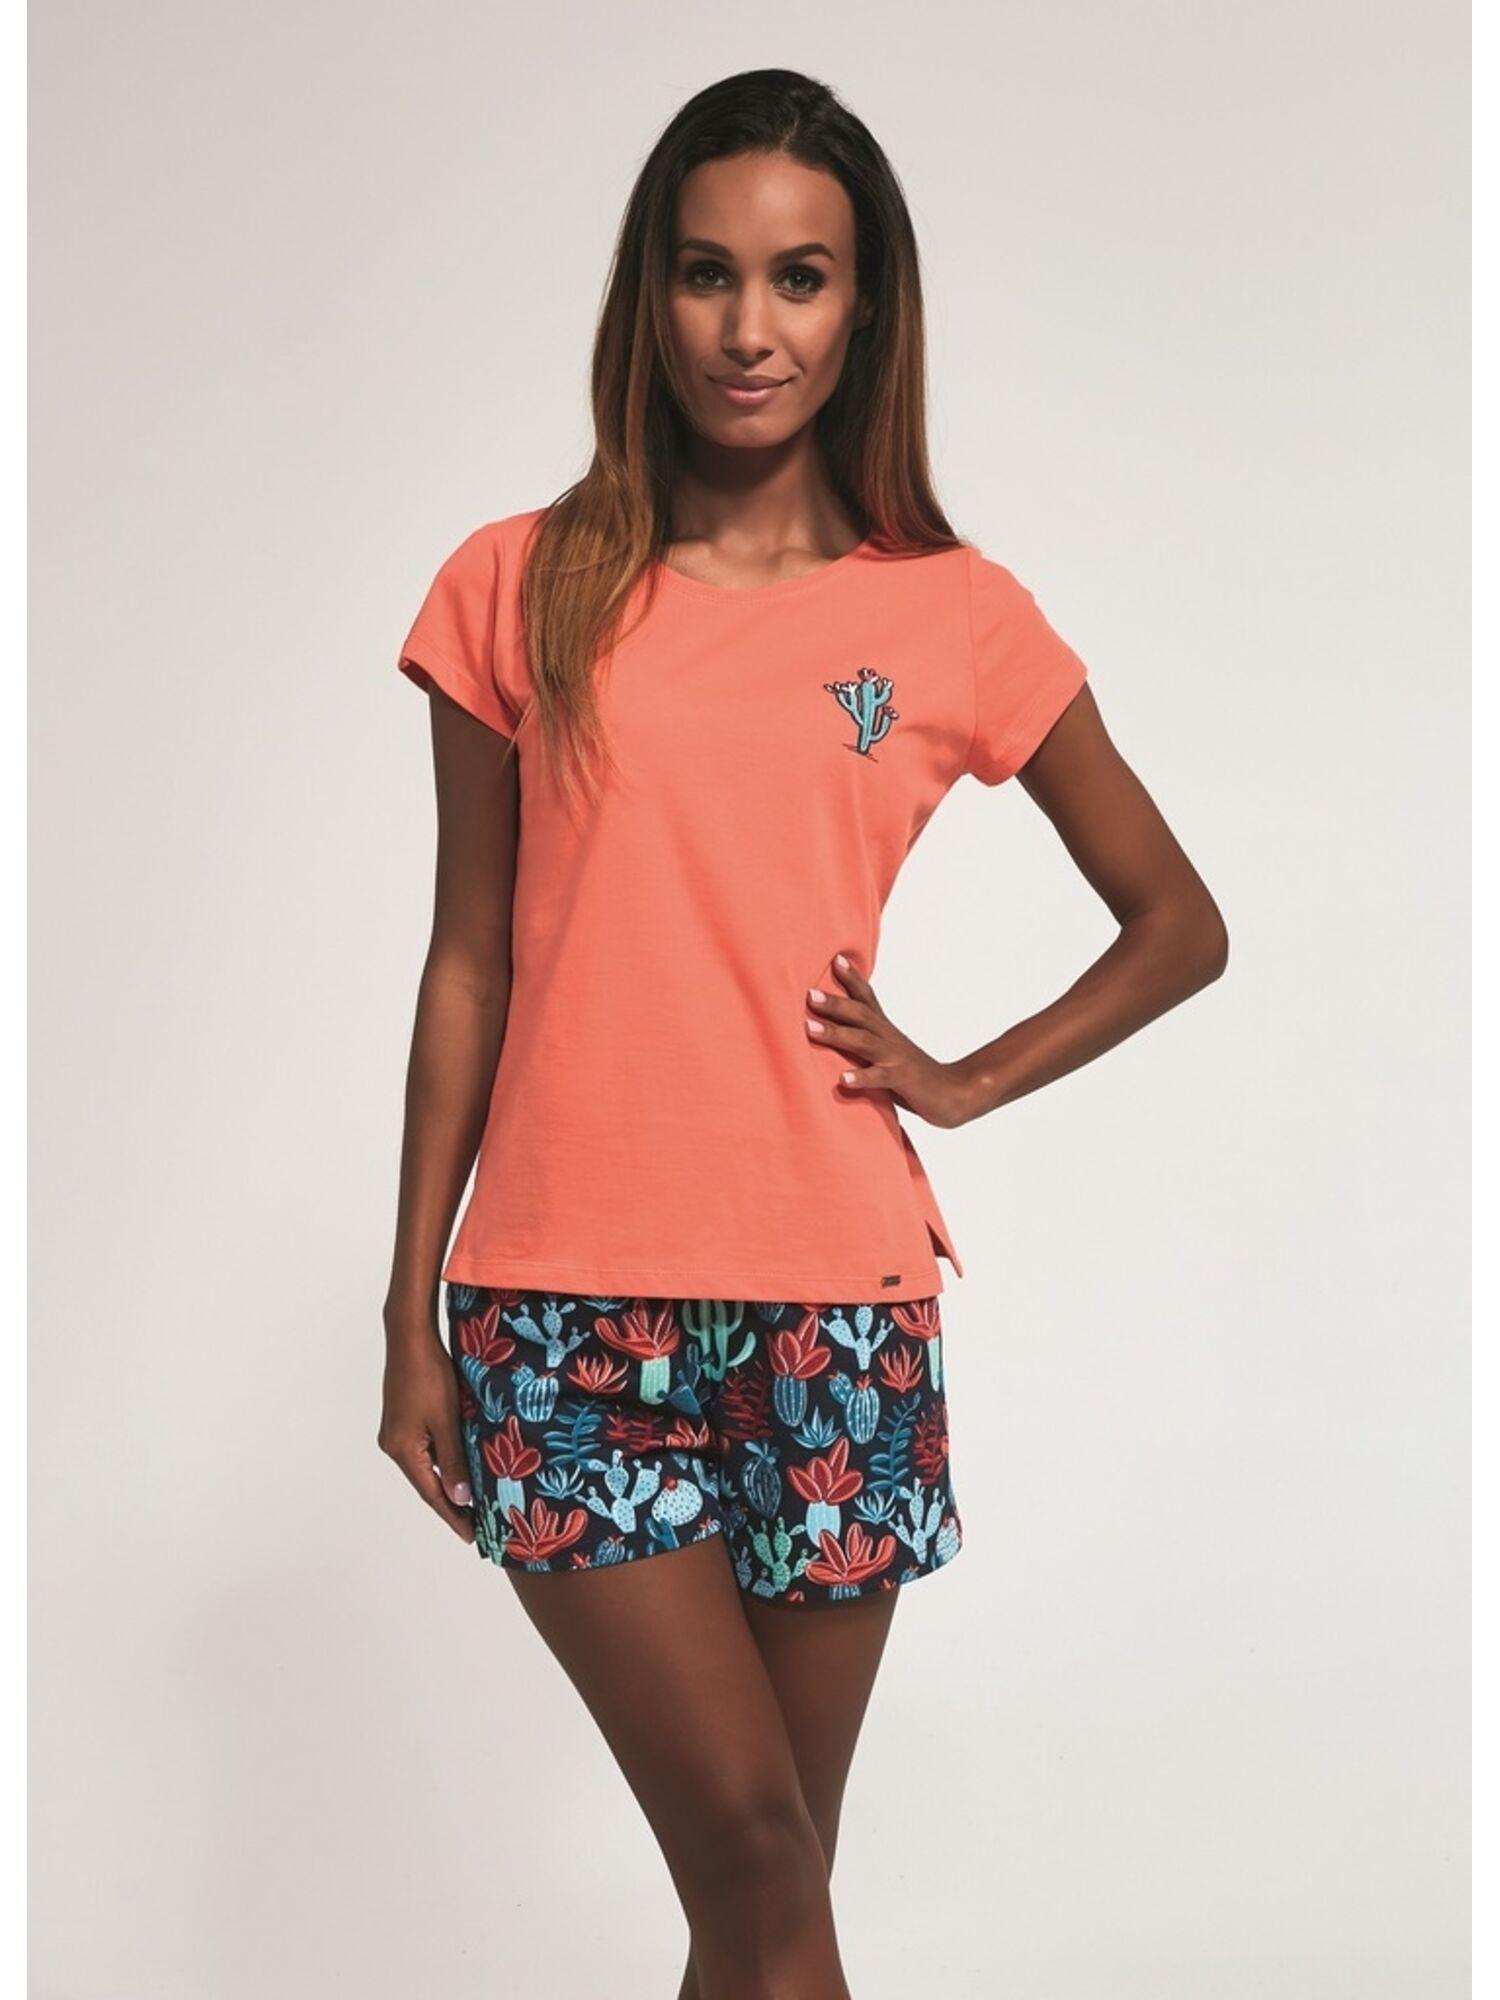 Пижама женская 3 в 1 хлопковая с шортами и брюками, 665-3, коралловый с черным, CORNETTE